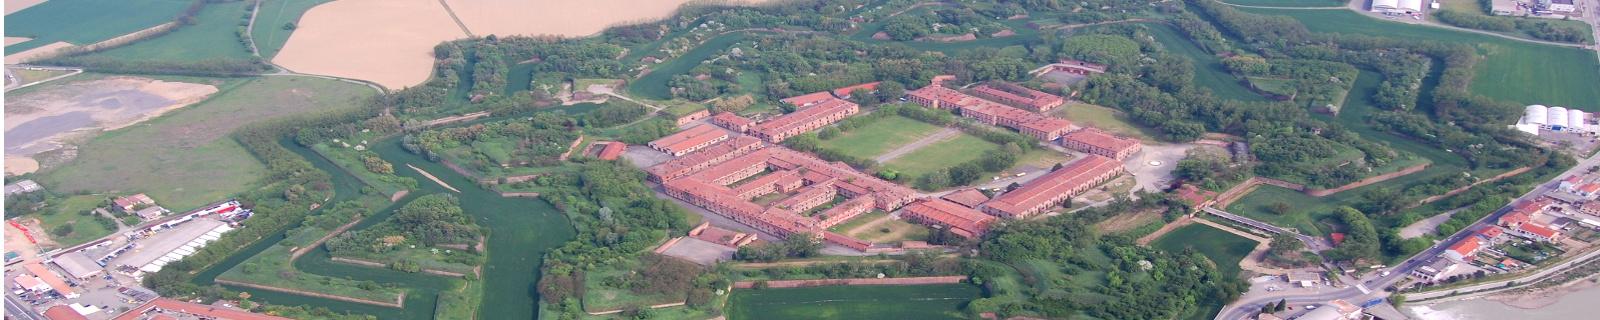 Immagine di testata: veduta aerea della Cittadella